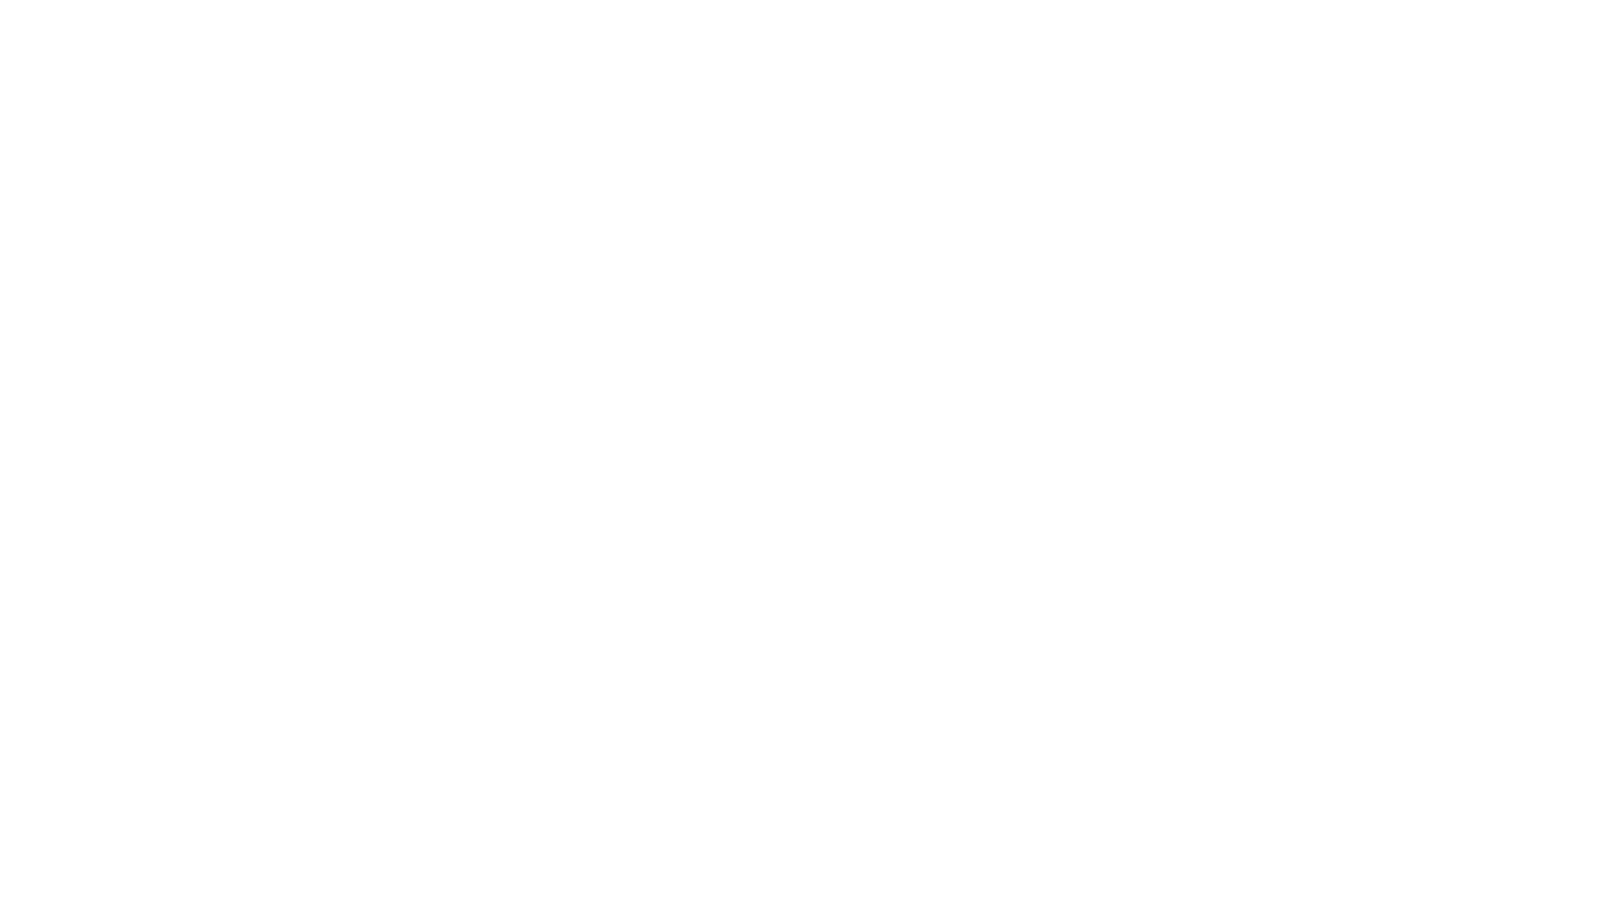 Flip, Roll & Repeat con il nostro NEDO CUBE, fino a che i tuoi muscoli non bruceranno!  Scopri di più sul NEDO CUBE https://www.bearfitness.it/shop/nedo-cube/   Bearfitness:  FB https://www.facebook.com/pg/BearFitness/ IG https://www.instagram.com/bearfitnessit/  #functionaltraining #crosstraining